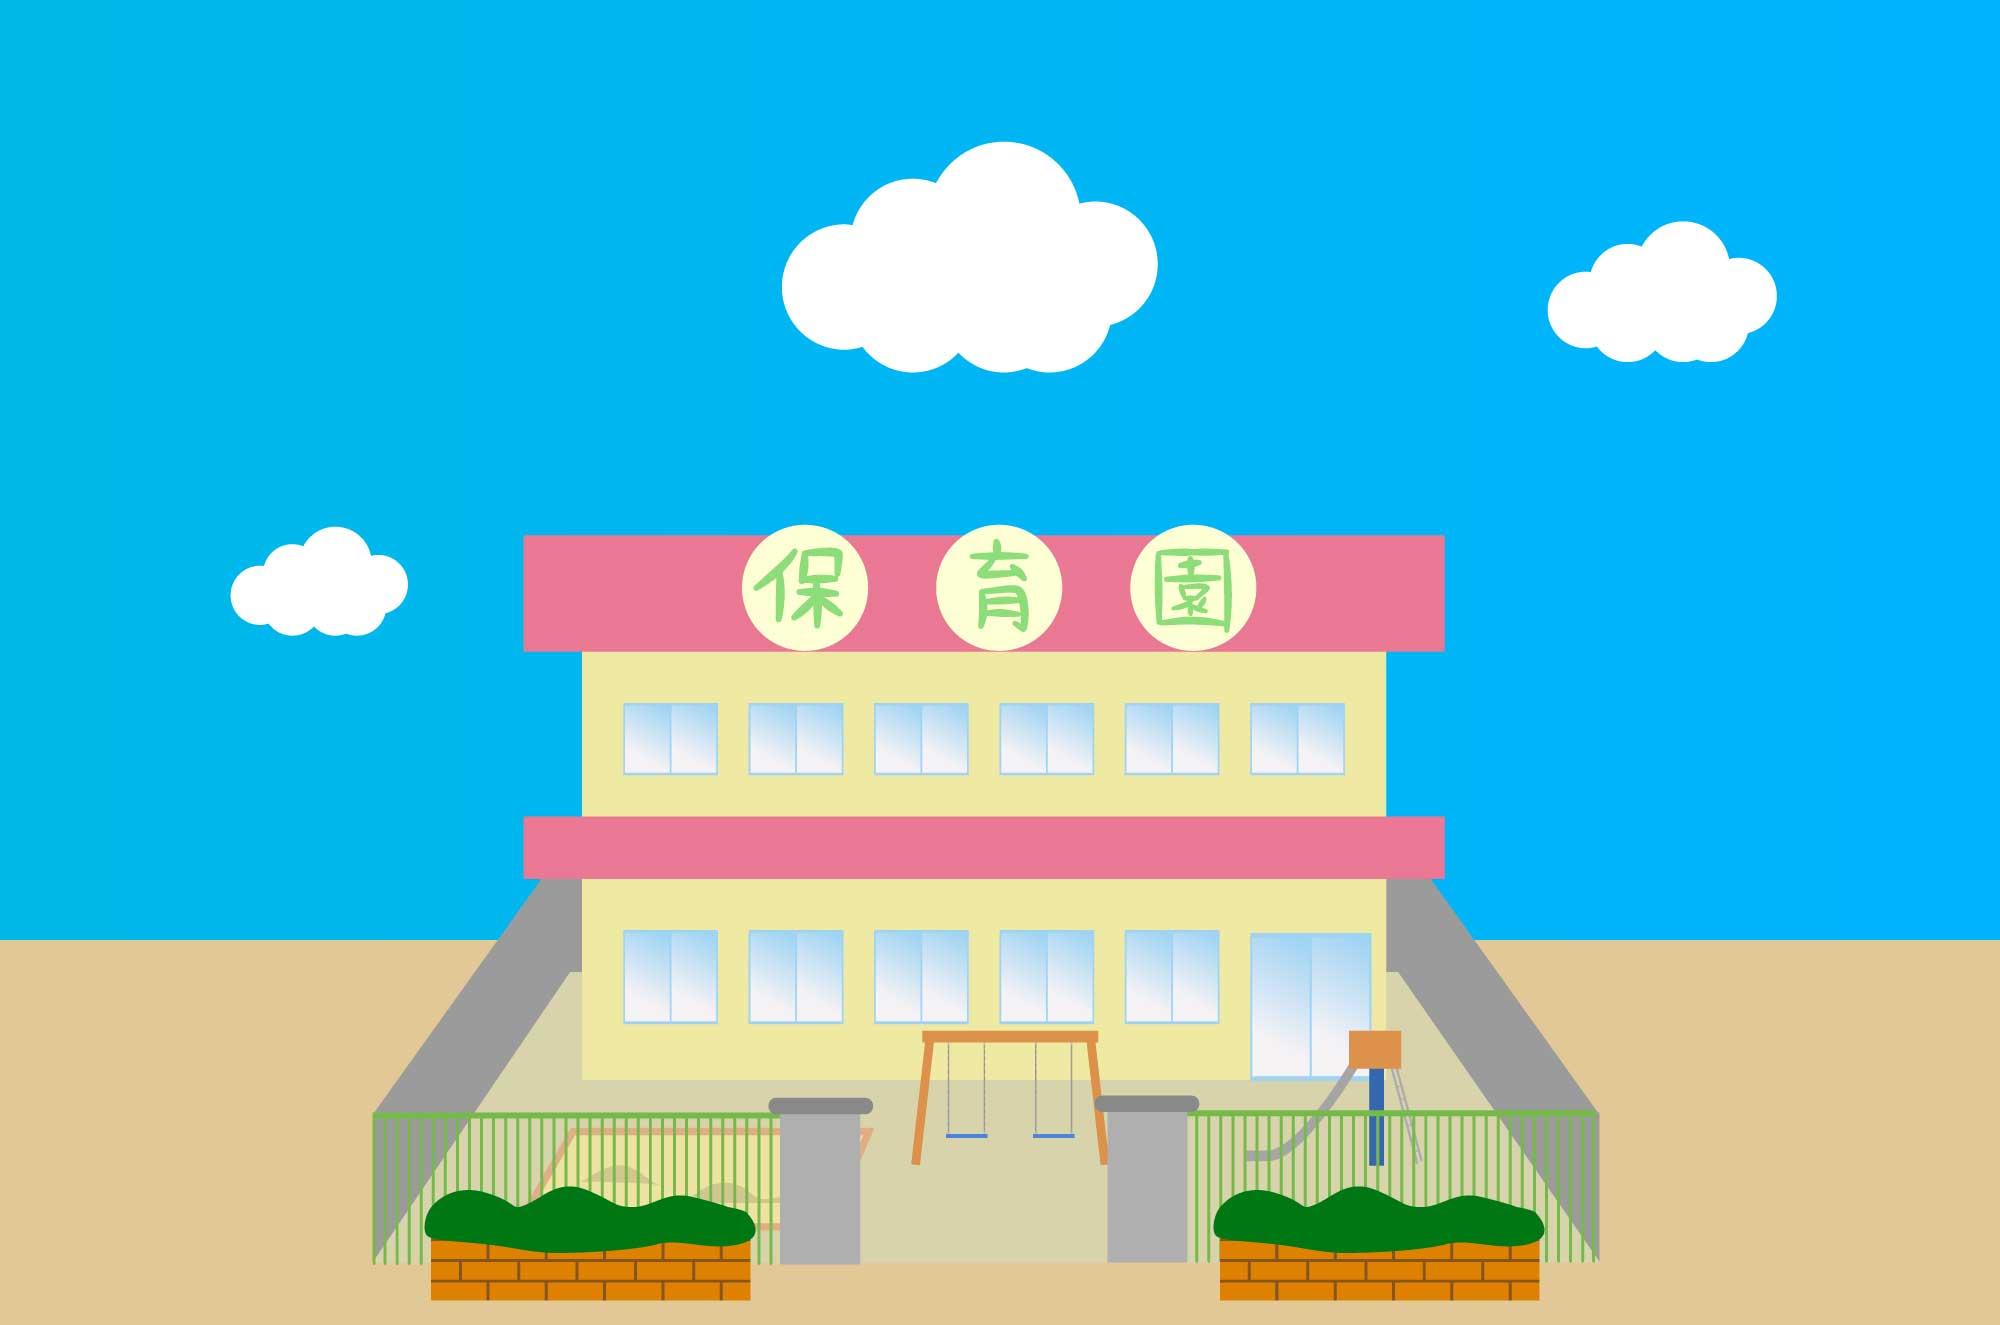 保育園の無料イラスト - 園児と建物のフリー素材